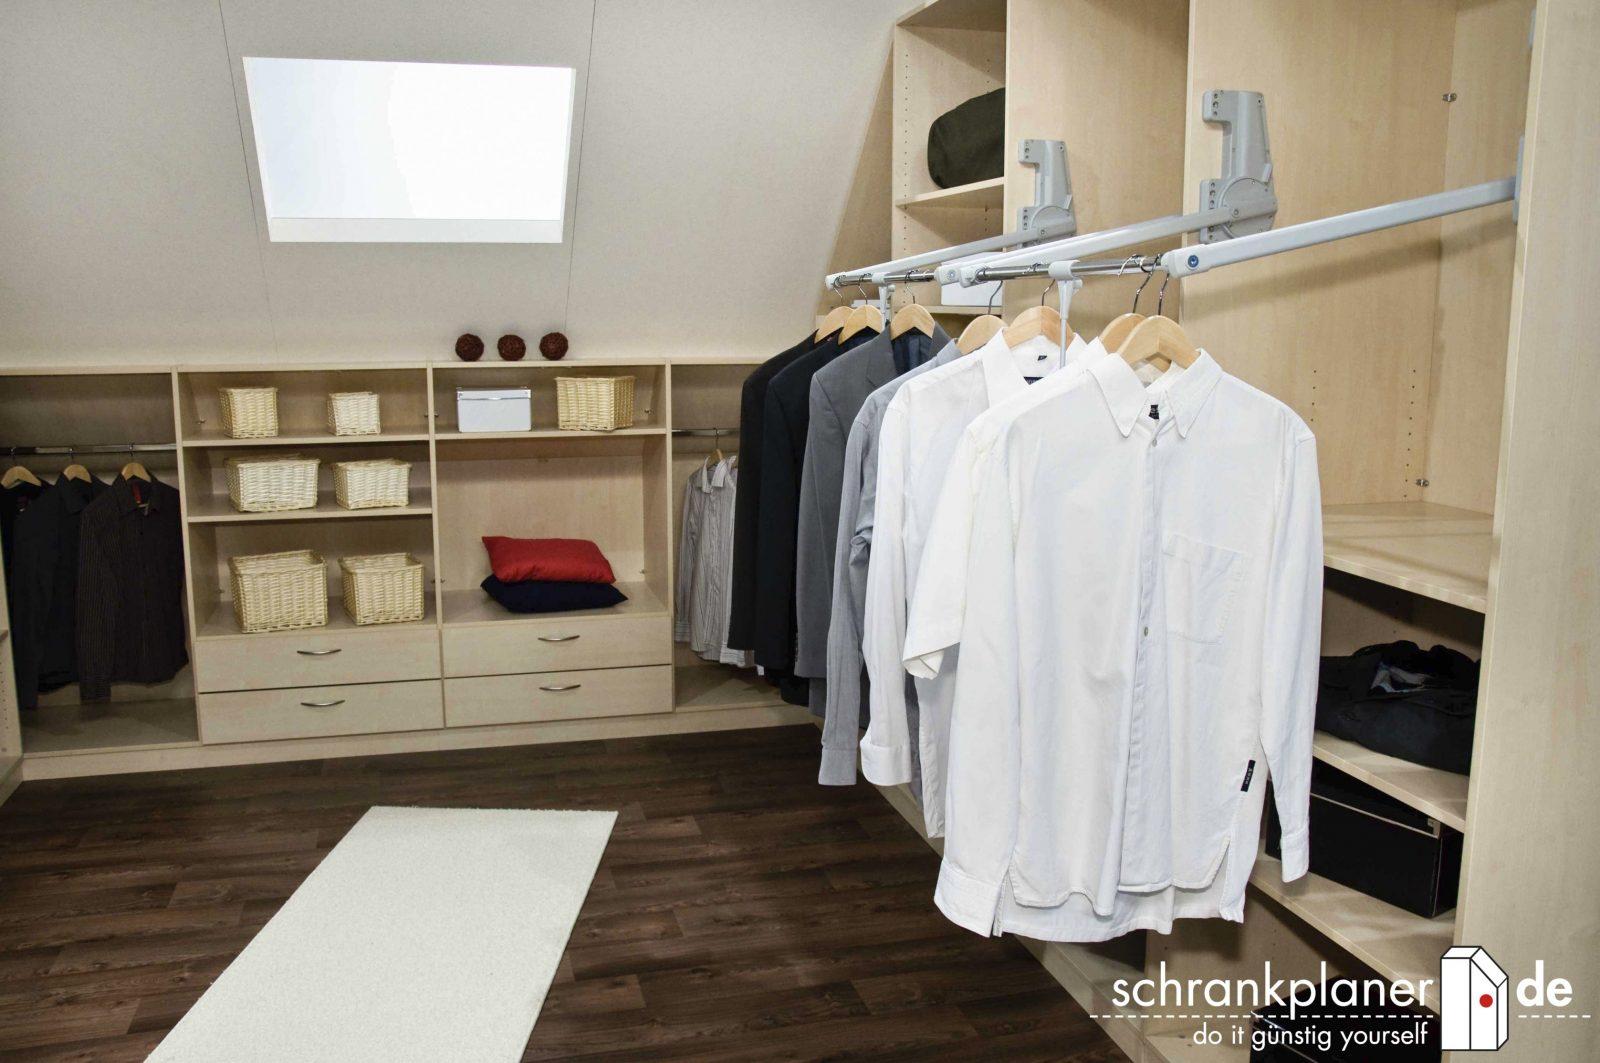 Schrank Selber Bauen Dachschräge Begehbarer Kleiderschrank von Begehbarer Kleiderschrank Dachschräge Selber Bauen Photo